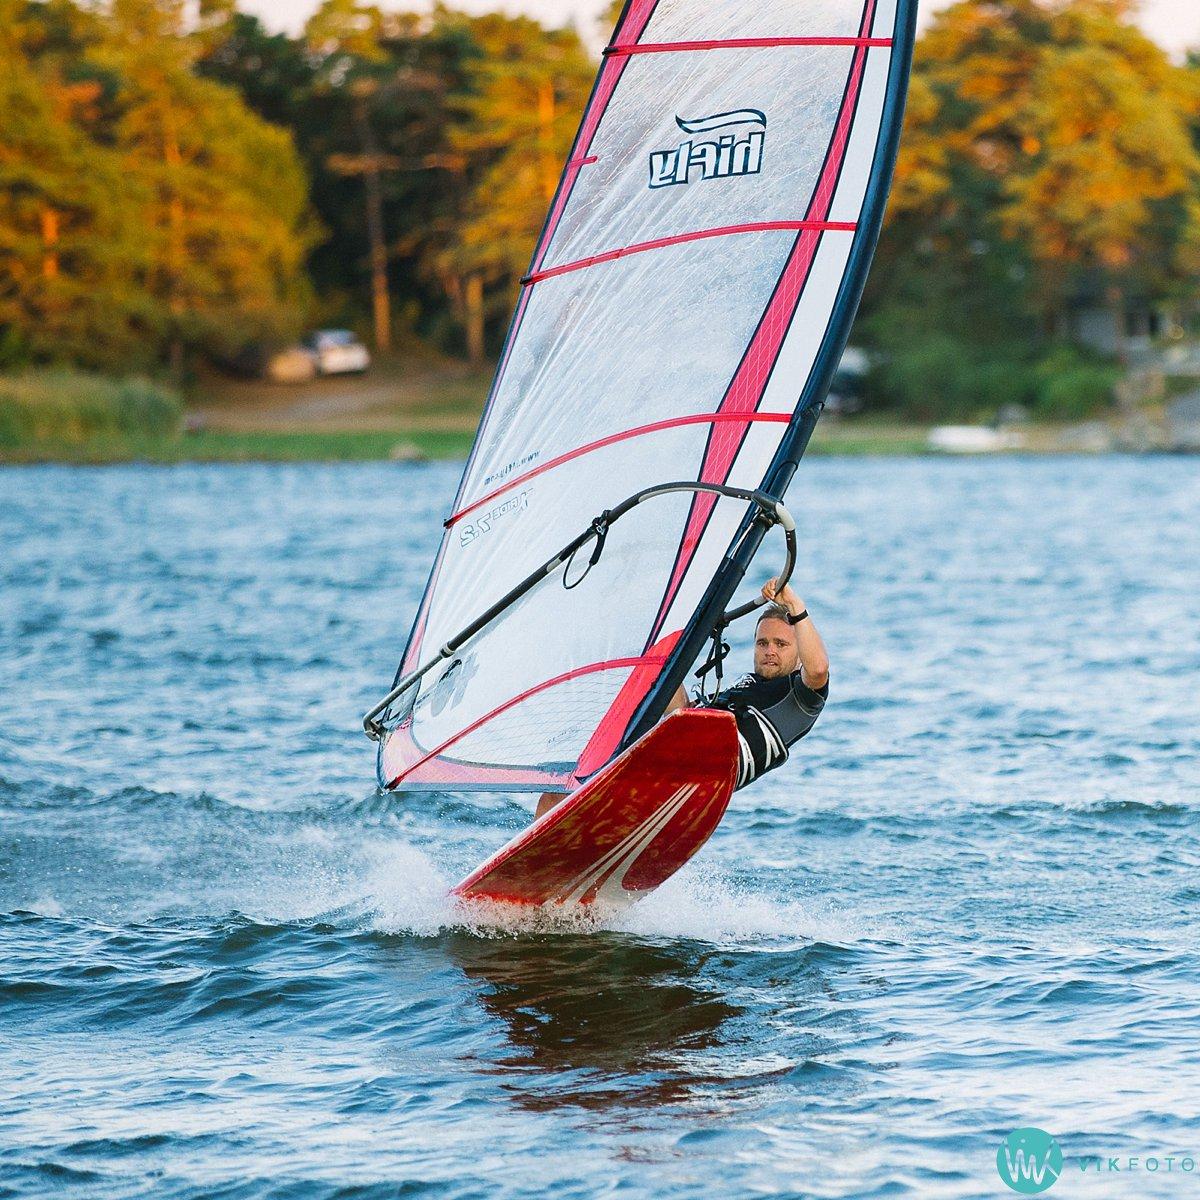 43-hvaler-windsurfing-brettseiling-ørekroken.jpg